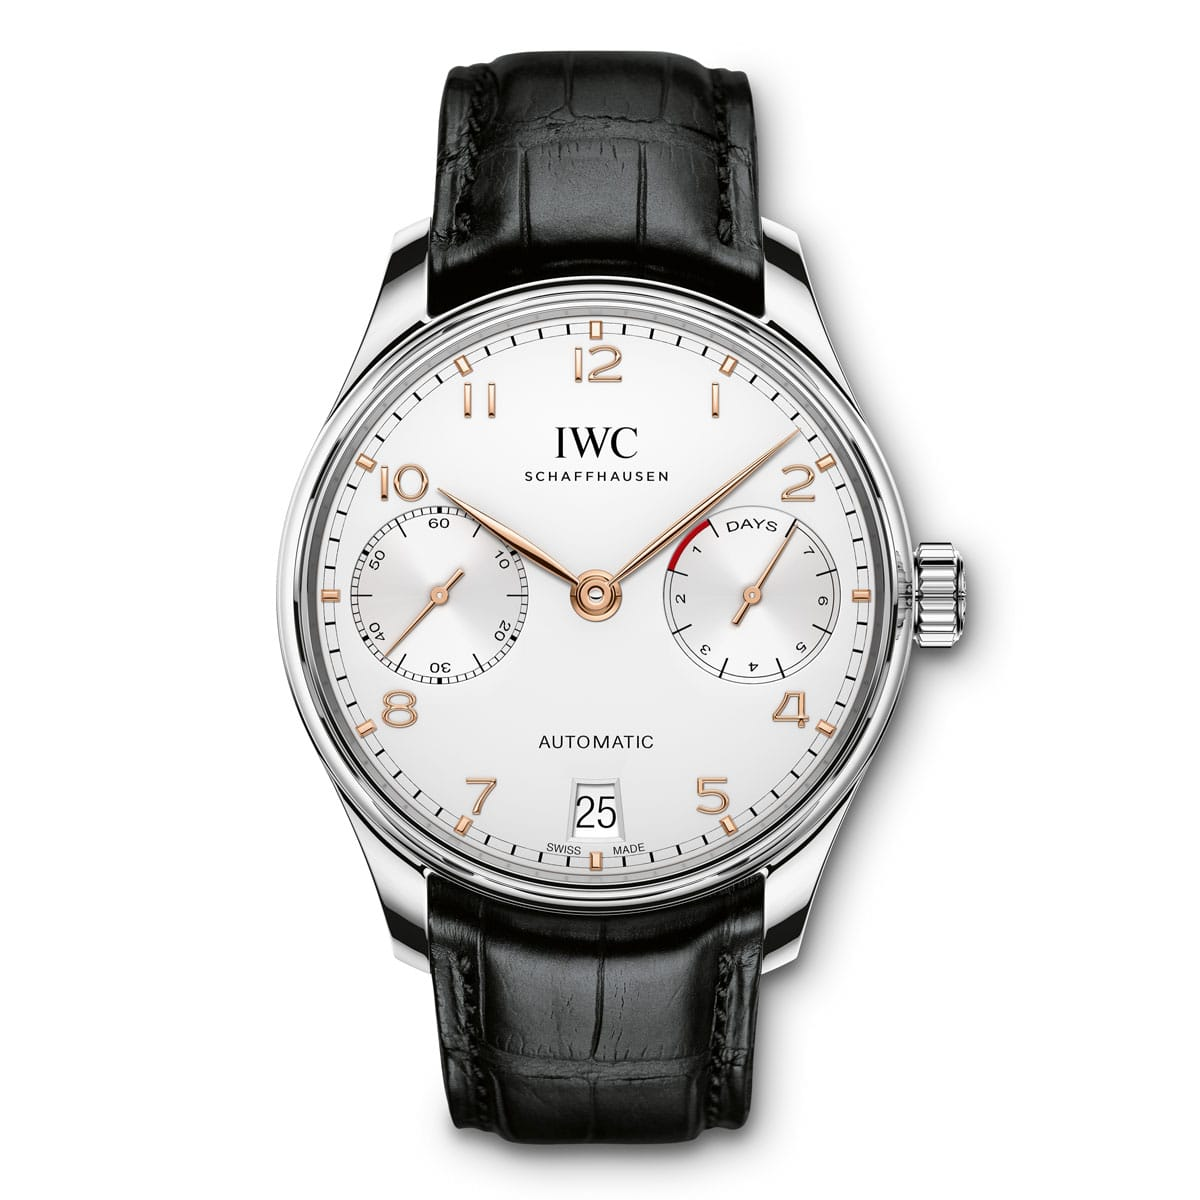 IWC Schaffhausen - Portugieser Automatic